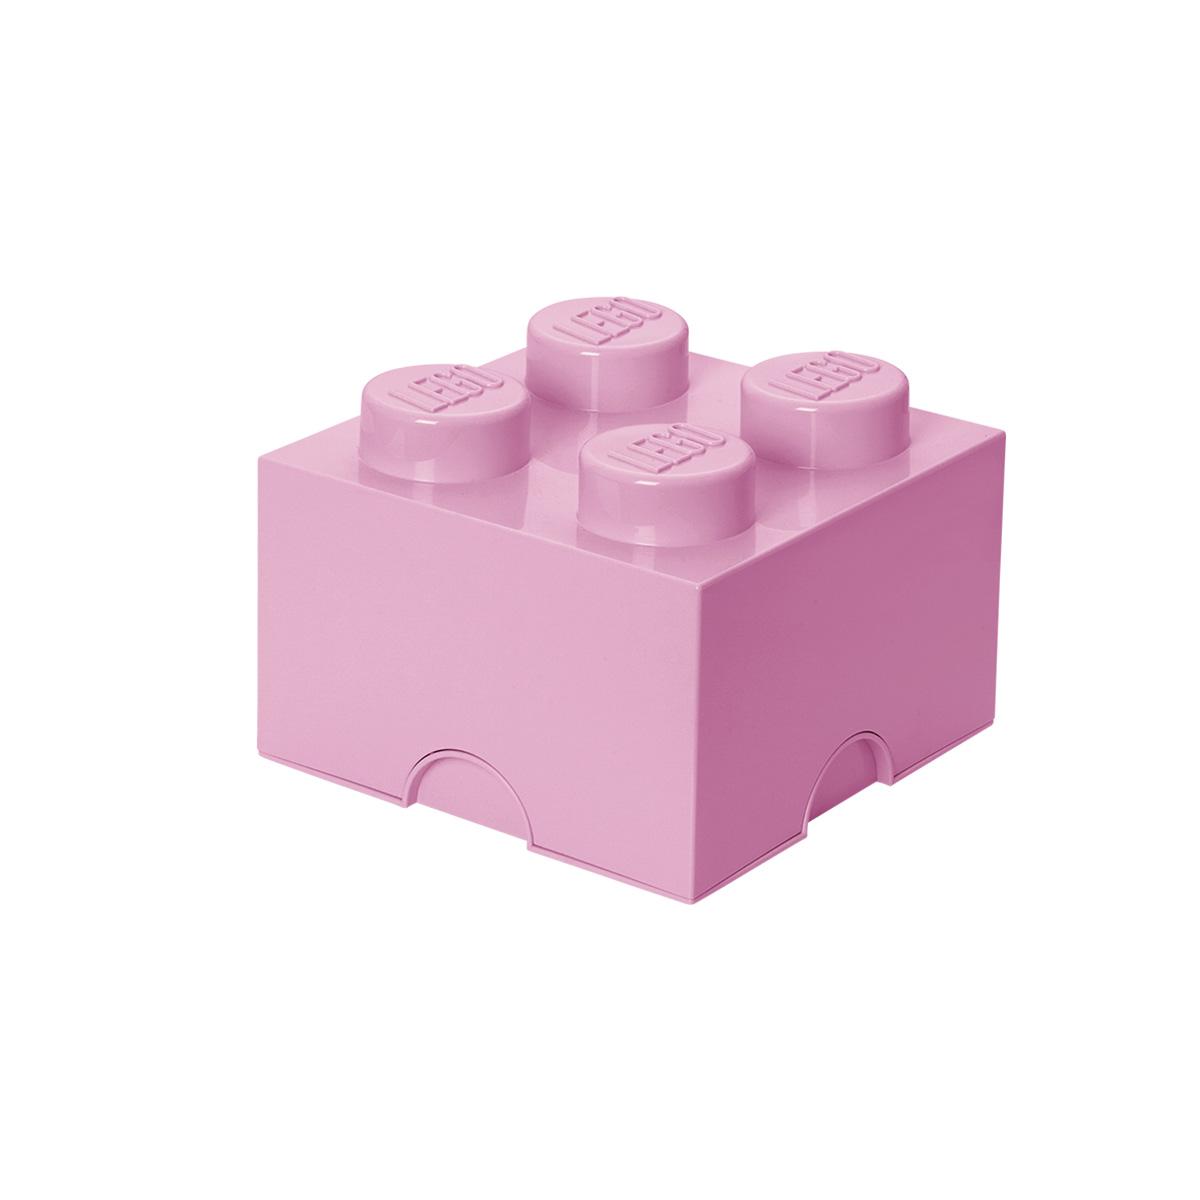 LEGO opbevaringskasse med 4 knopper - Lyserød